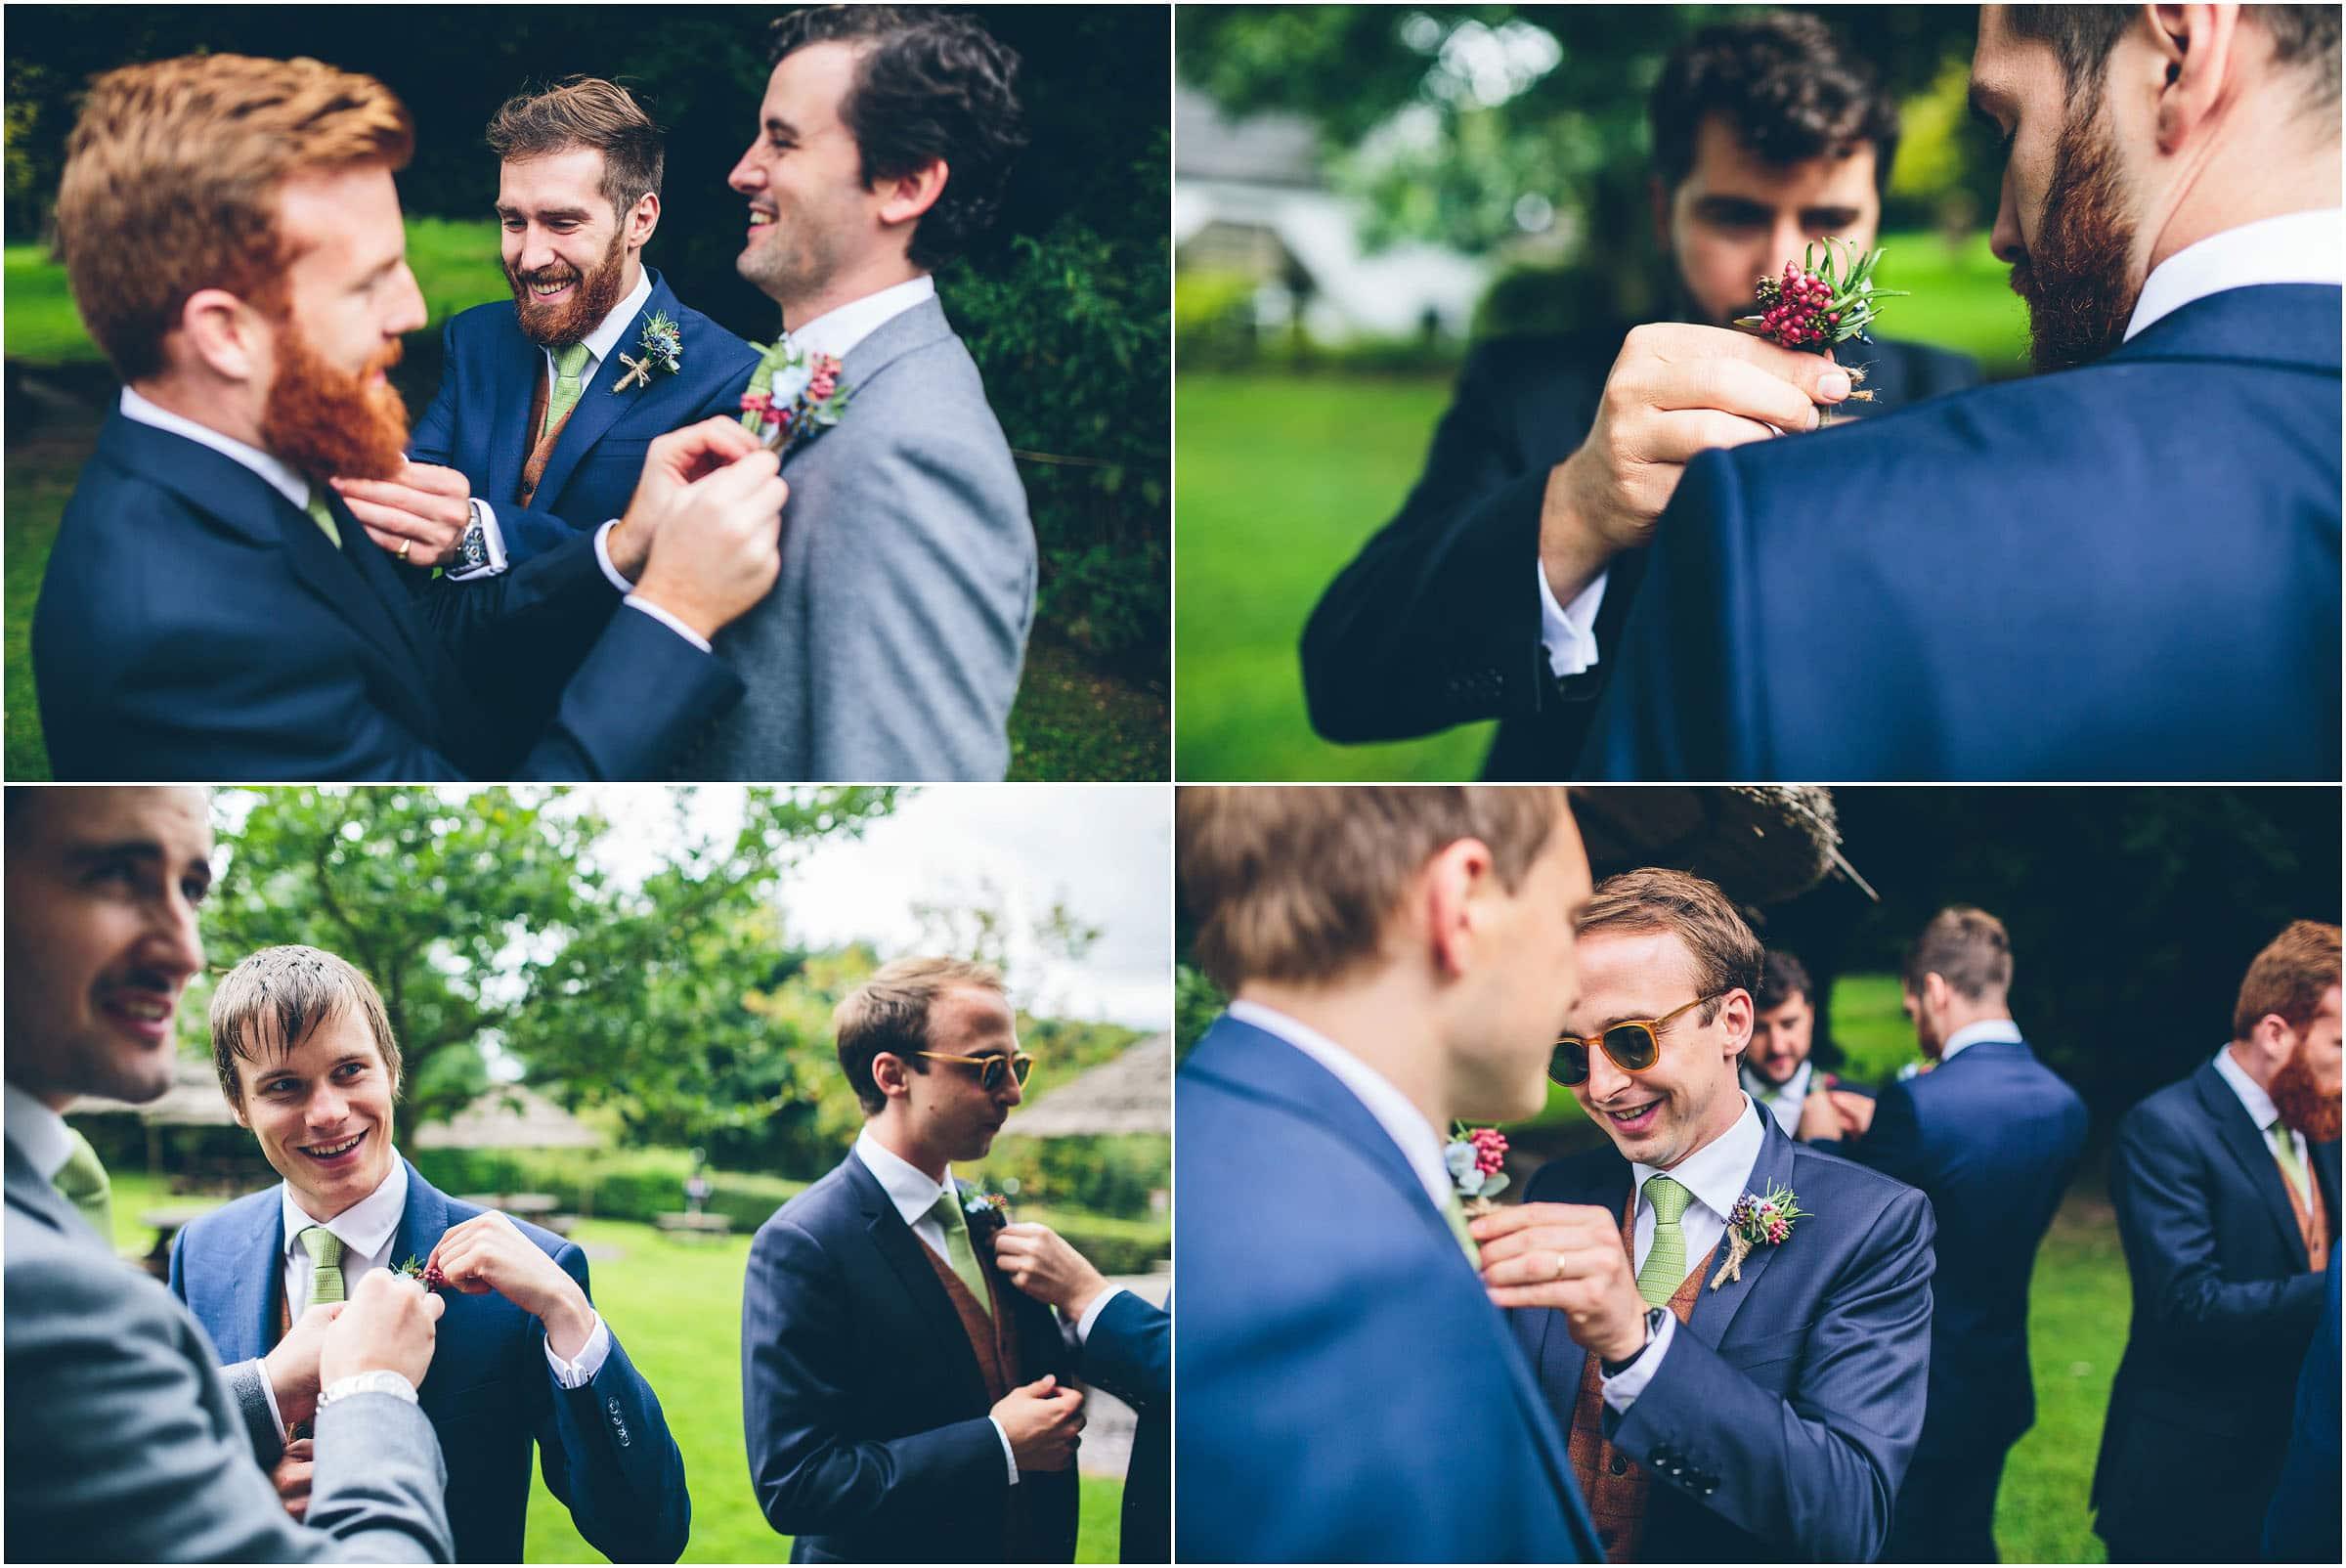 Harthill_Weddings_Wedding_Photography_0014